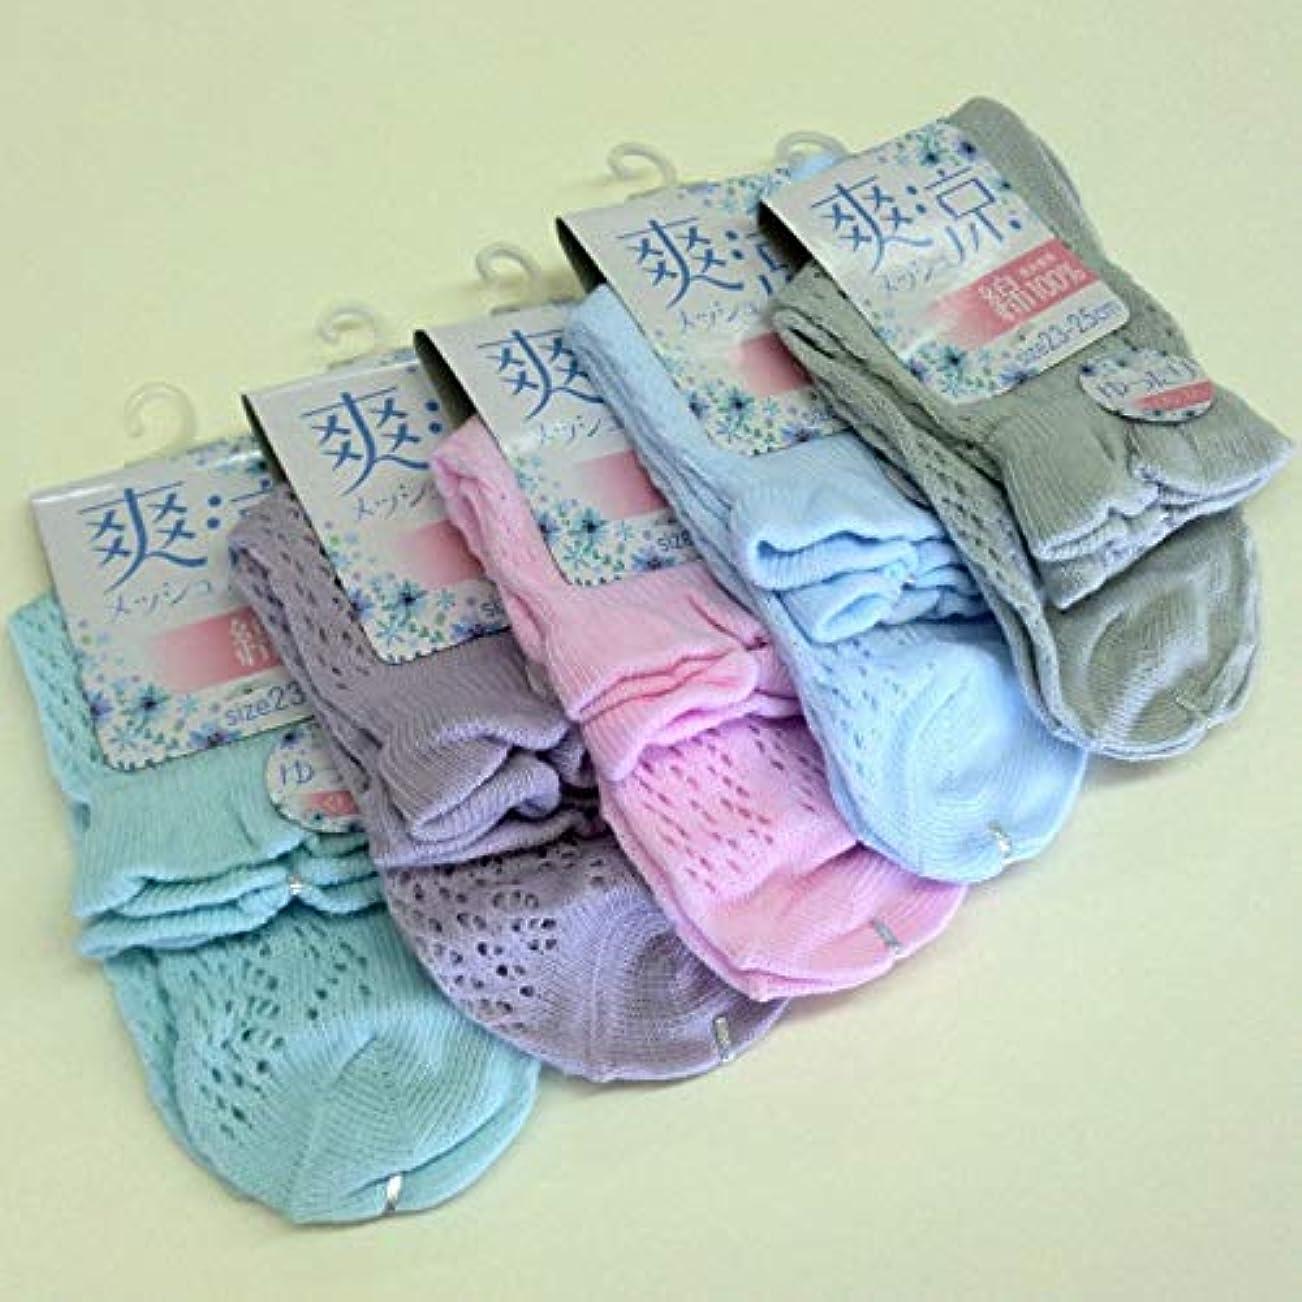 変位未亡人むちゃくちゃ靴下 レディース 夏 表糸綿100% 涼しいルミーソックス セット 5色5足組